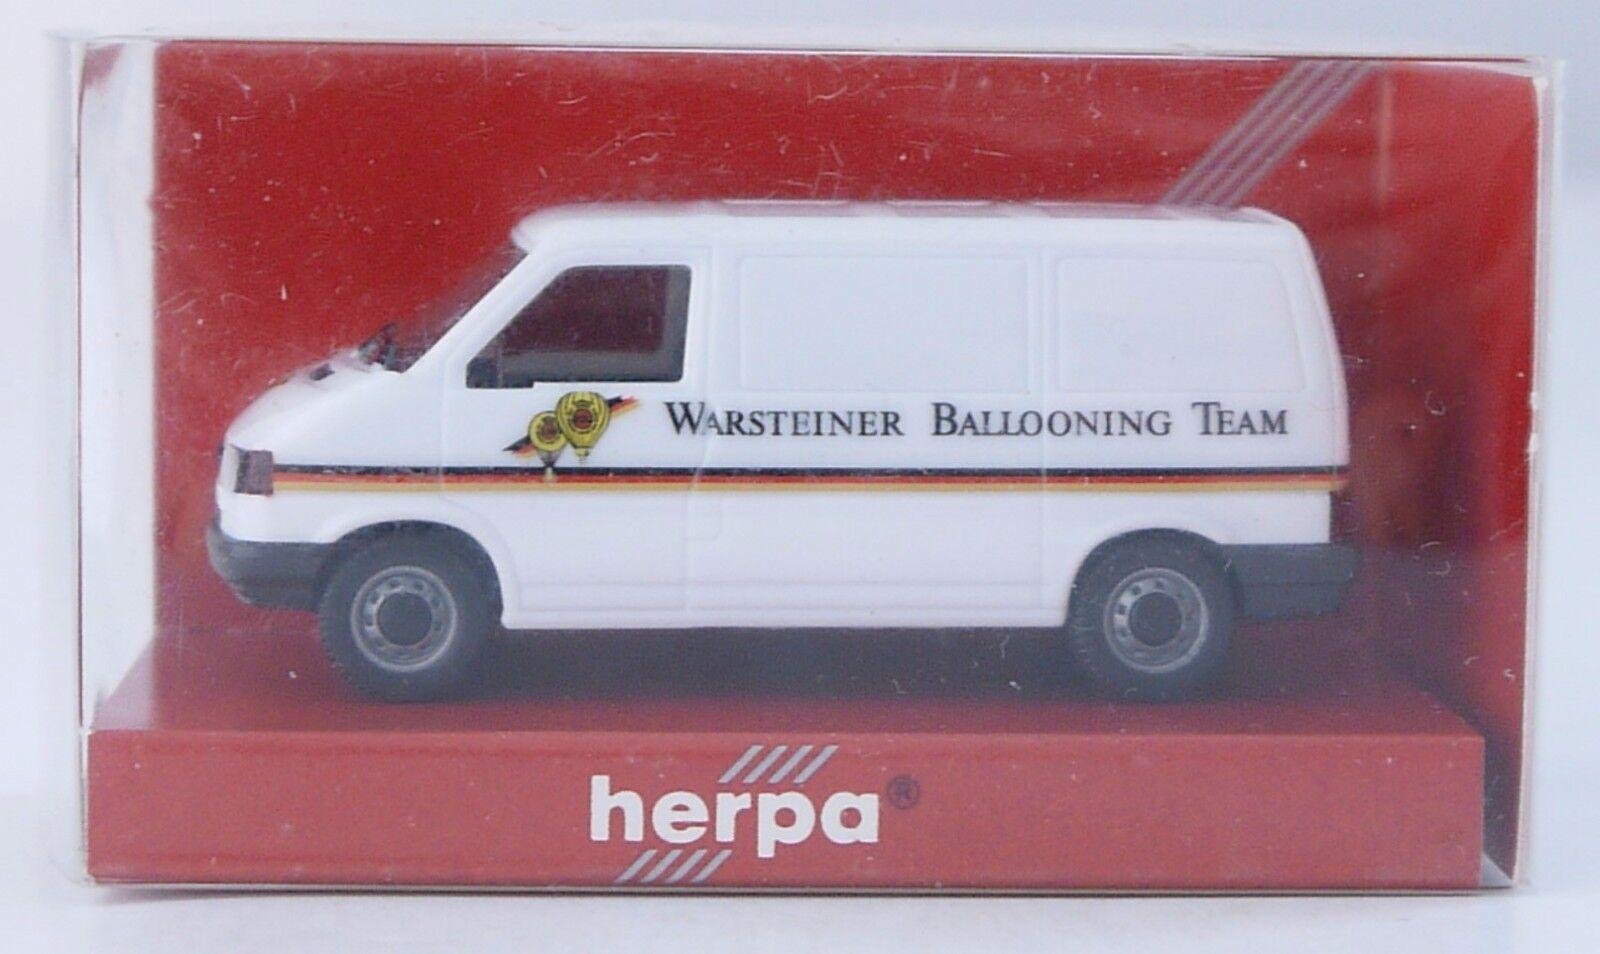 Herpa 045728 Vw T4 Kasten Warsteiner Ballooning Team